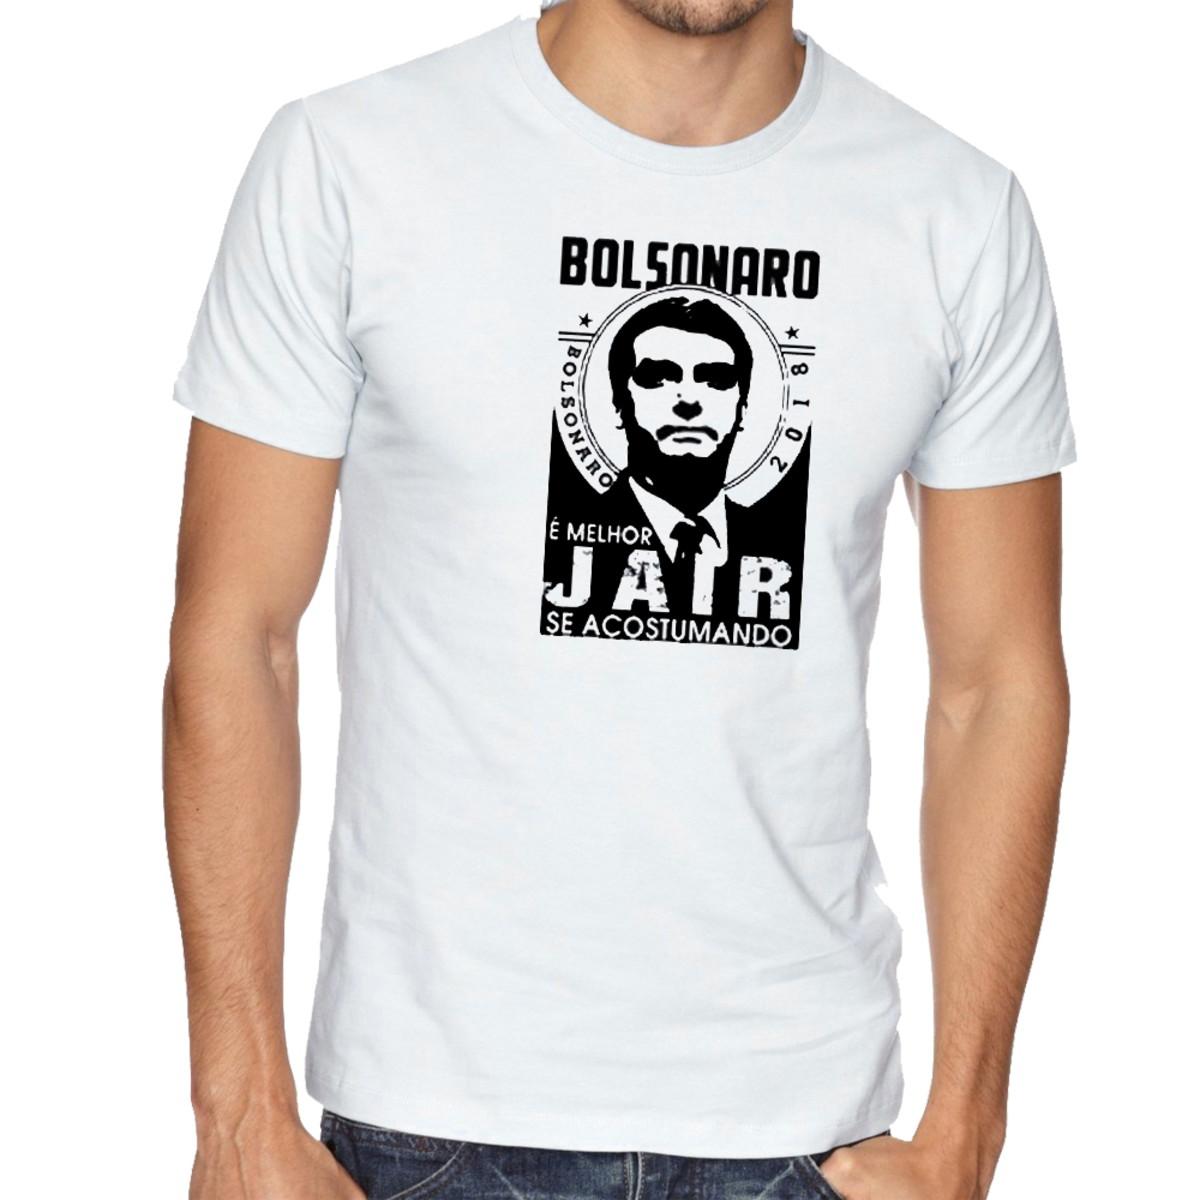 c140ab7cffa5f camiseta blusa Bolsonaro melhor Jair se acostumando no Elo7 ...